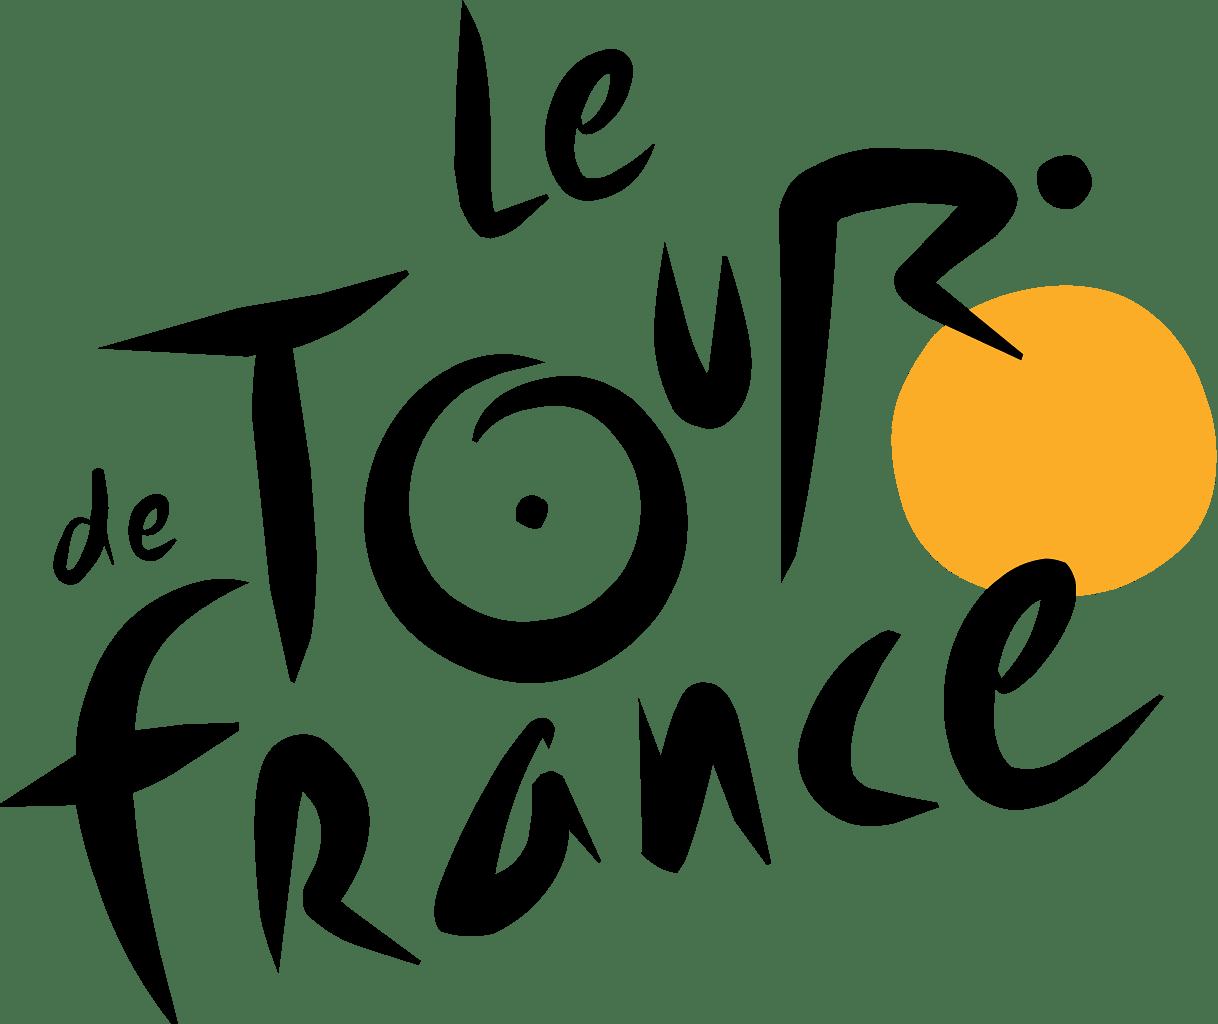 Tour de France announces wild card teams for 2015